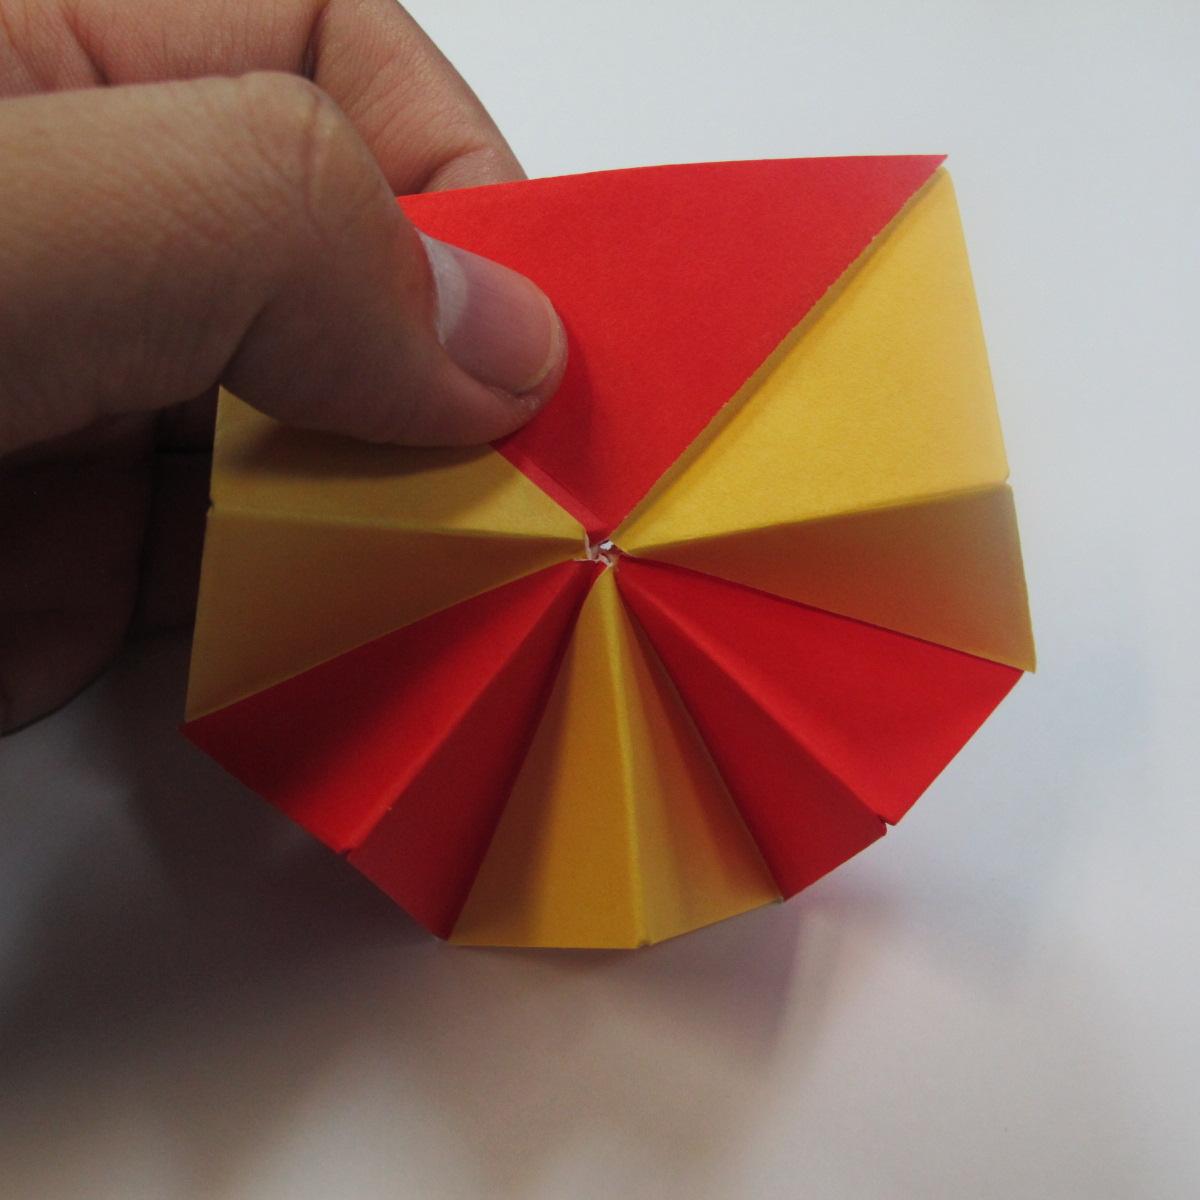 วิธีการพับกระดาษเป็นดาวหกแฉกแบบโมดูล่า 020